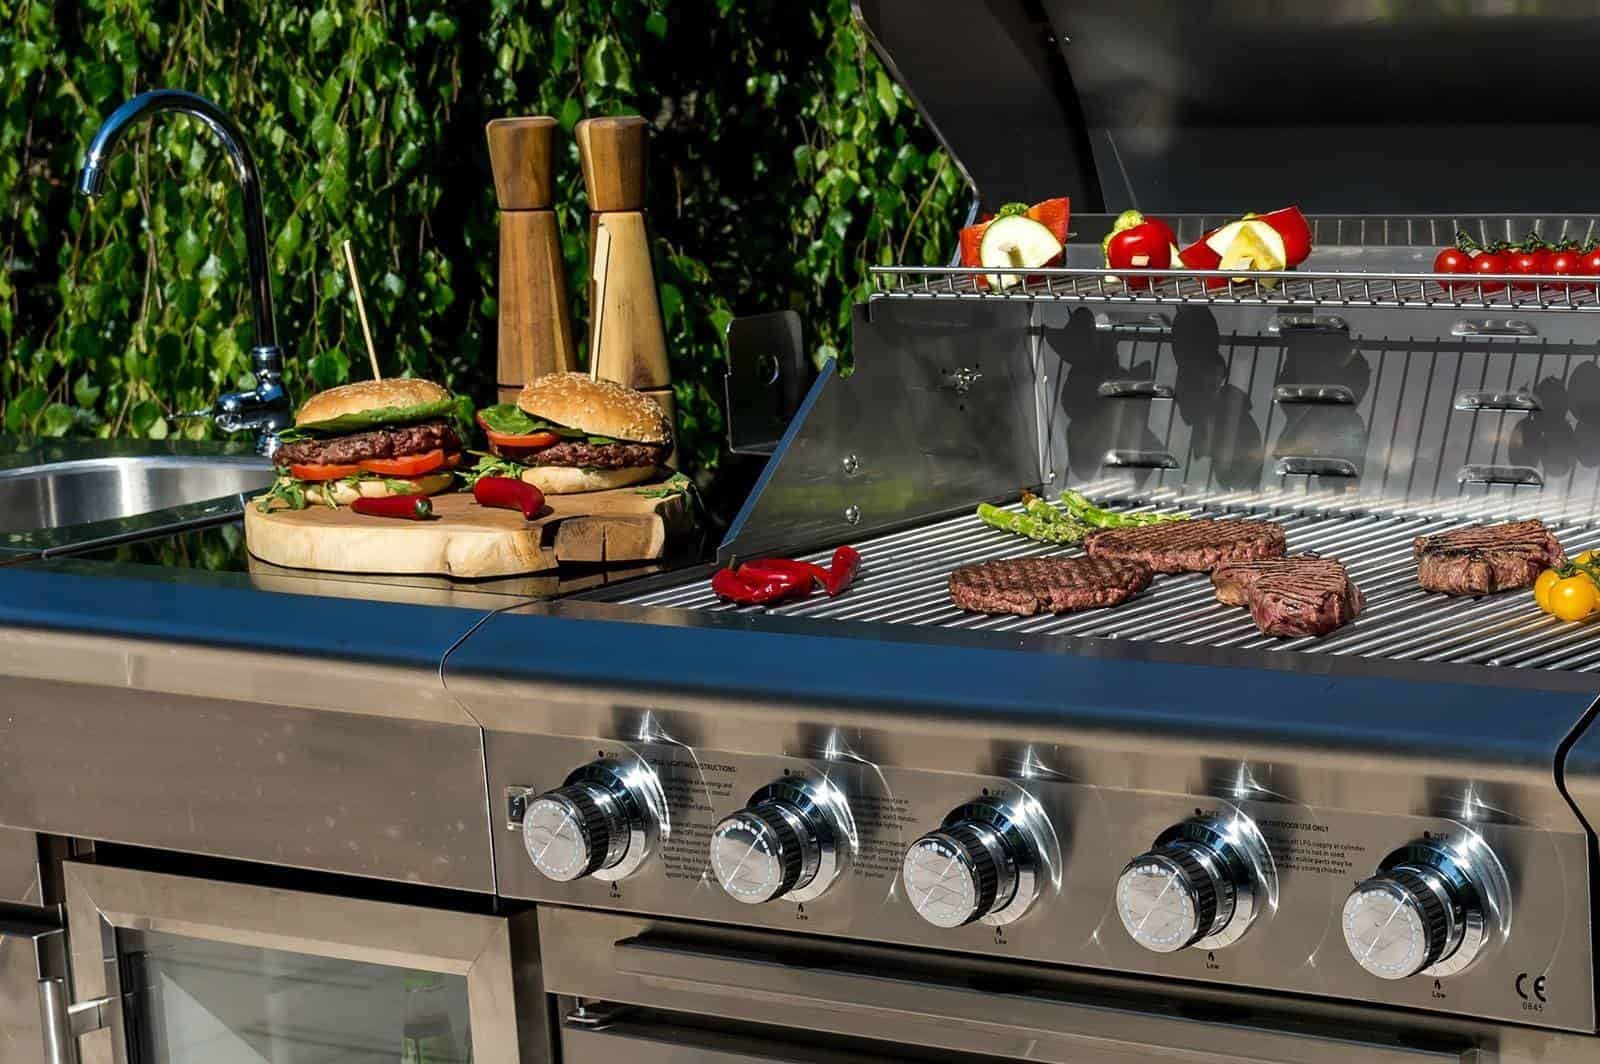 Grill ogrodowy gazowy - kuchnia BBQ SICILIA 5-palnikowa